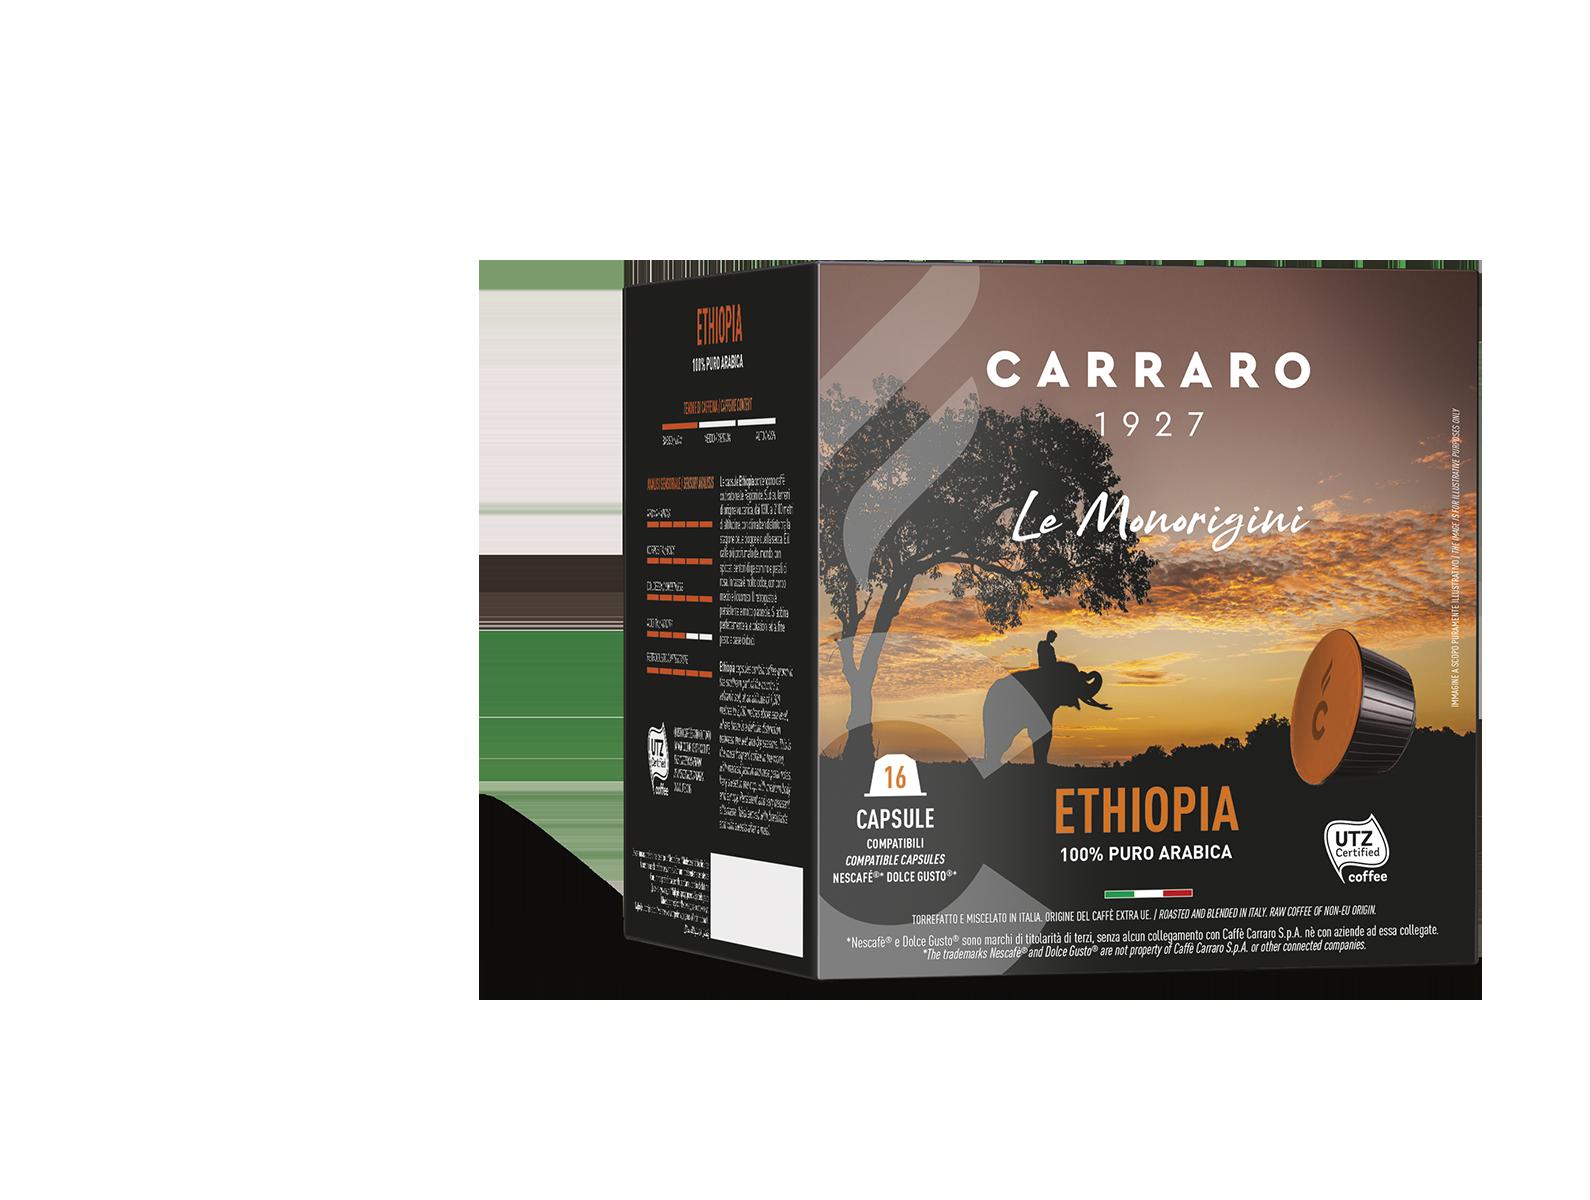 Ethiopia – 16 capsule